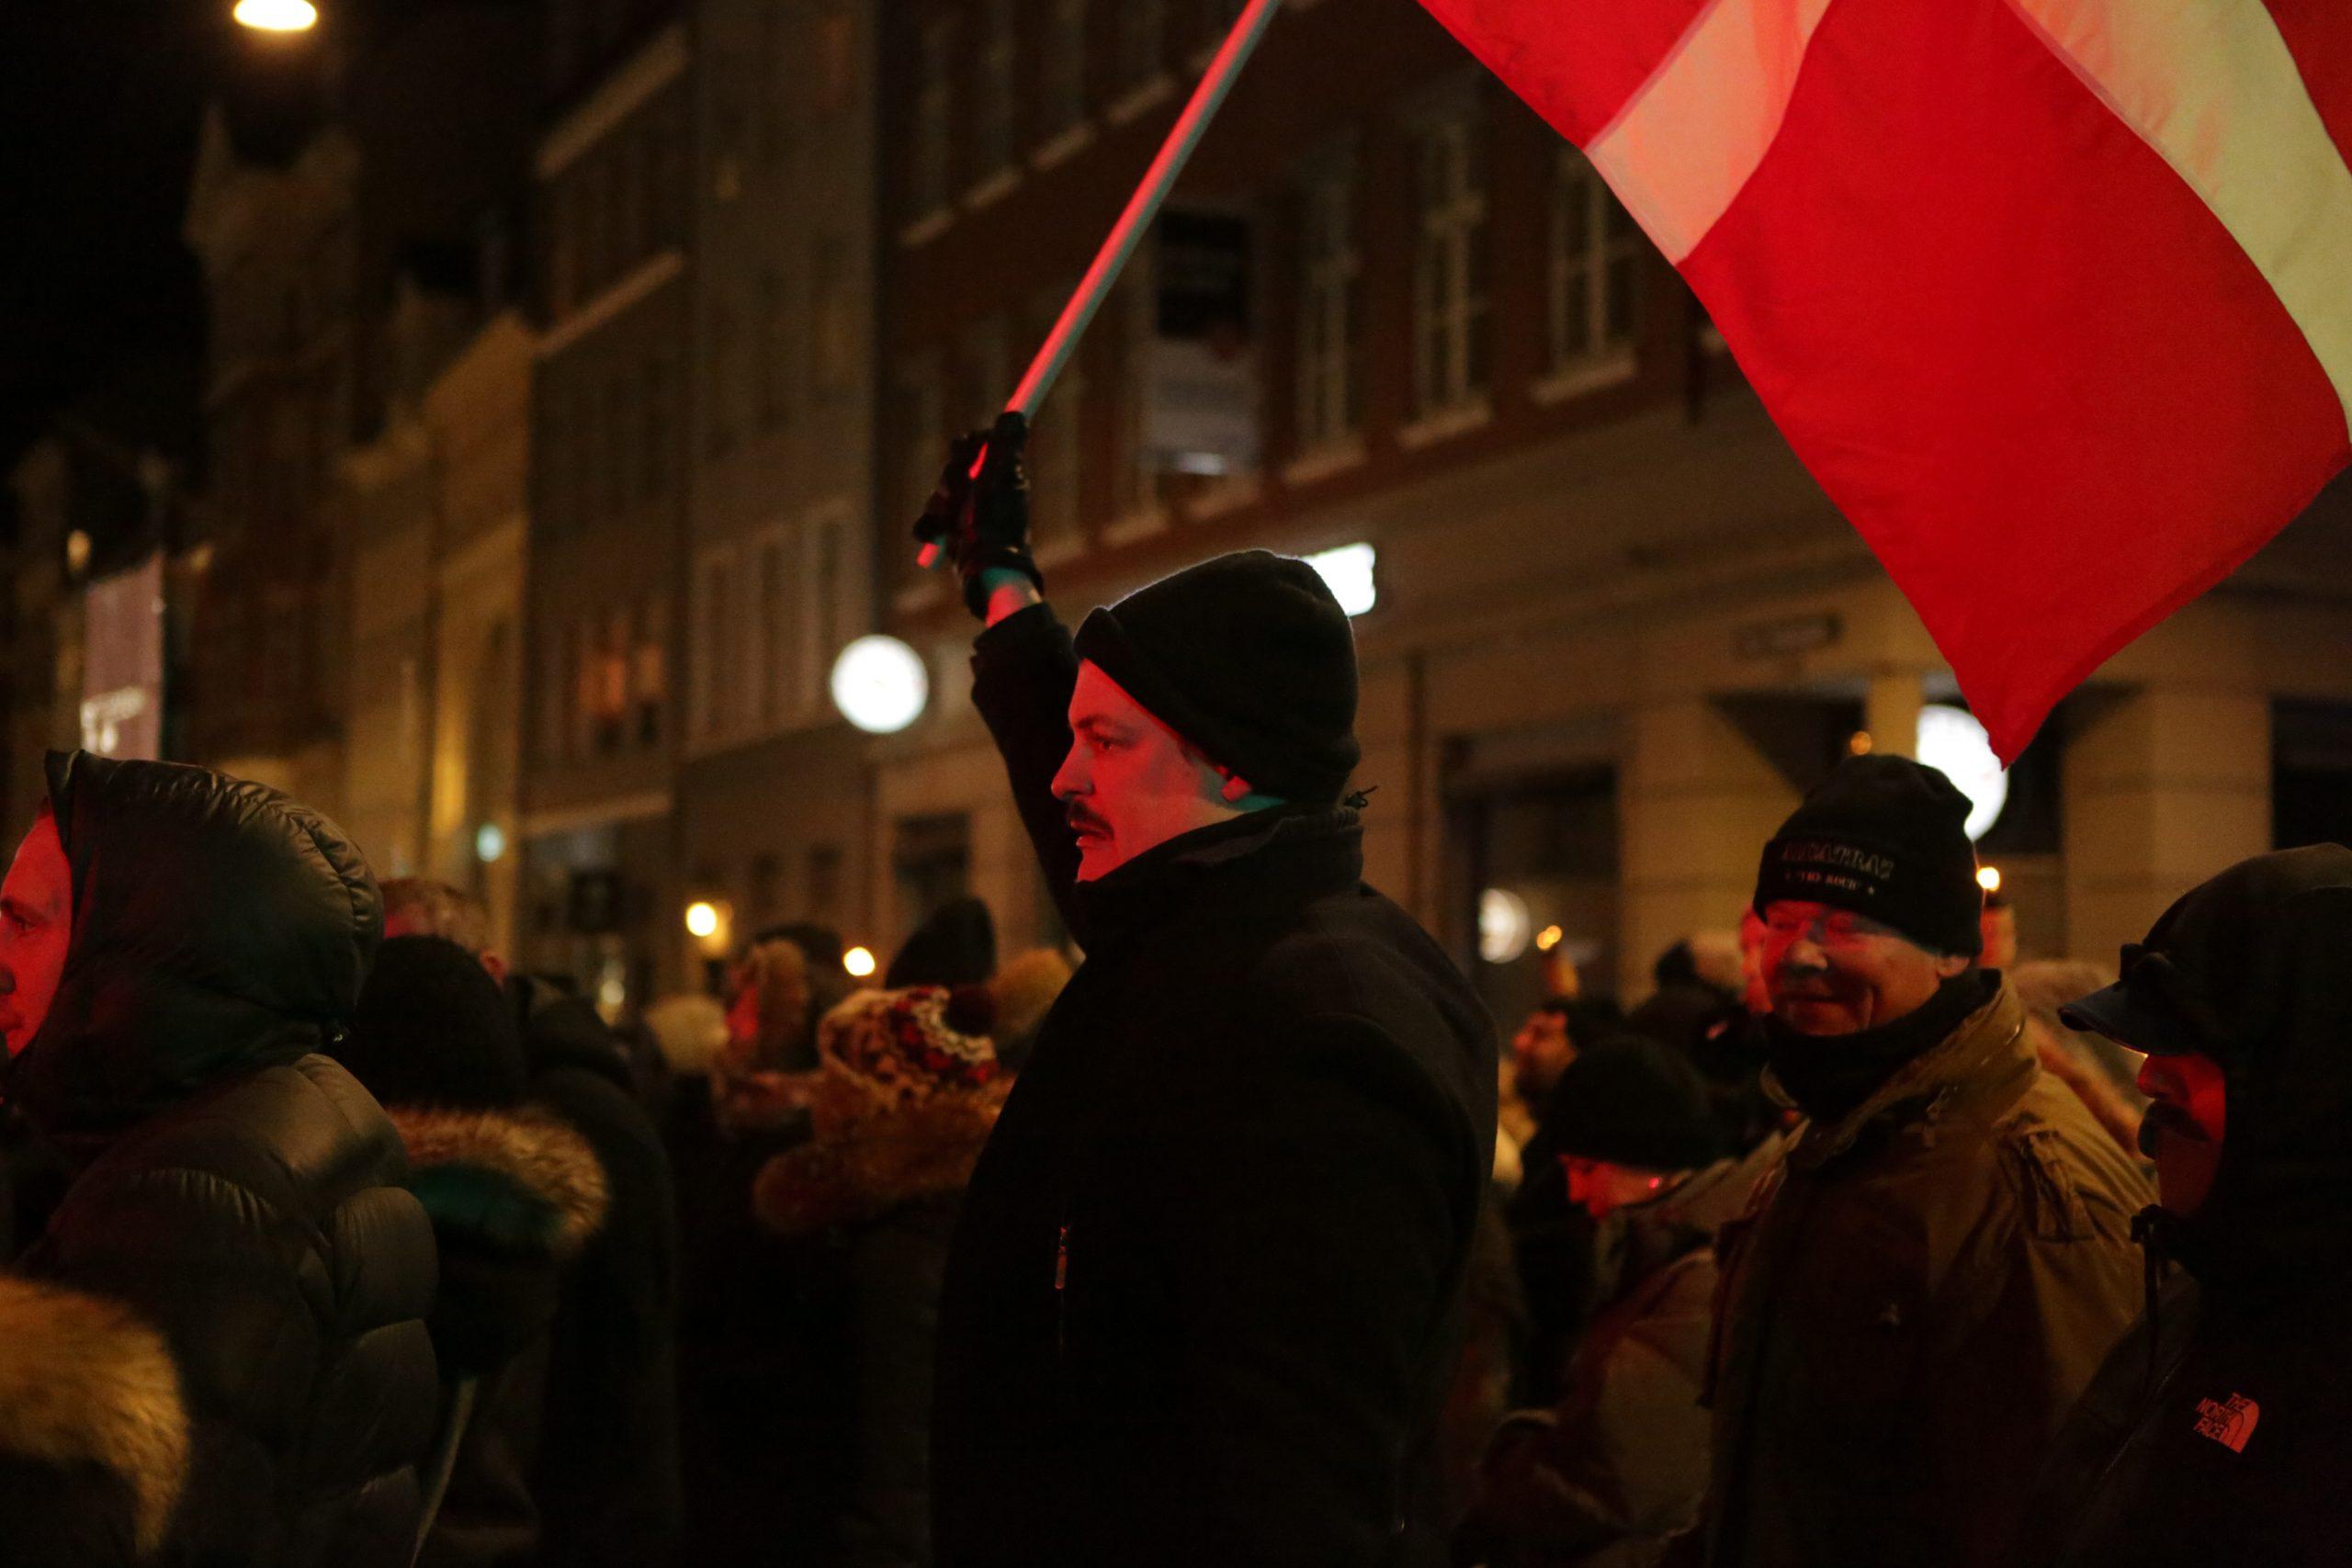 Lars Agerbæk fra den københavnske Alt-right scene ses bærende på en Dannebrogsfane. Foto: Redox.